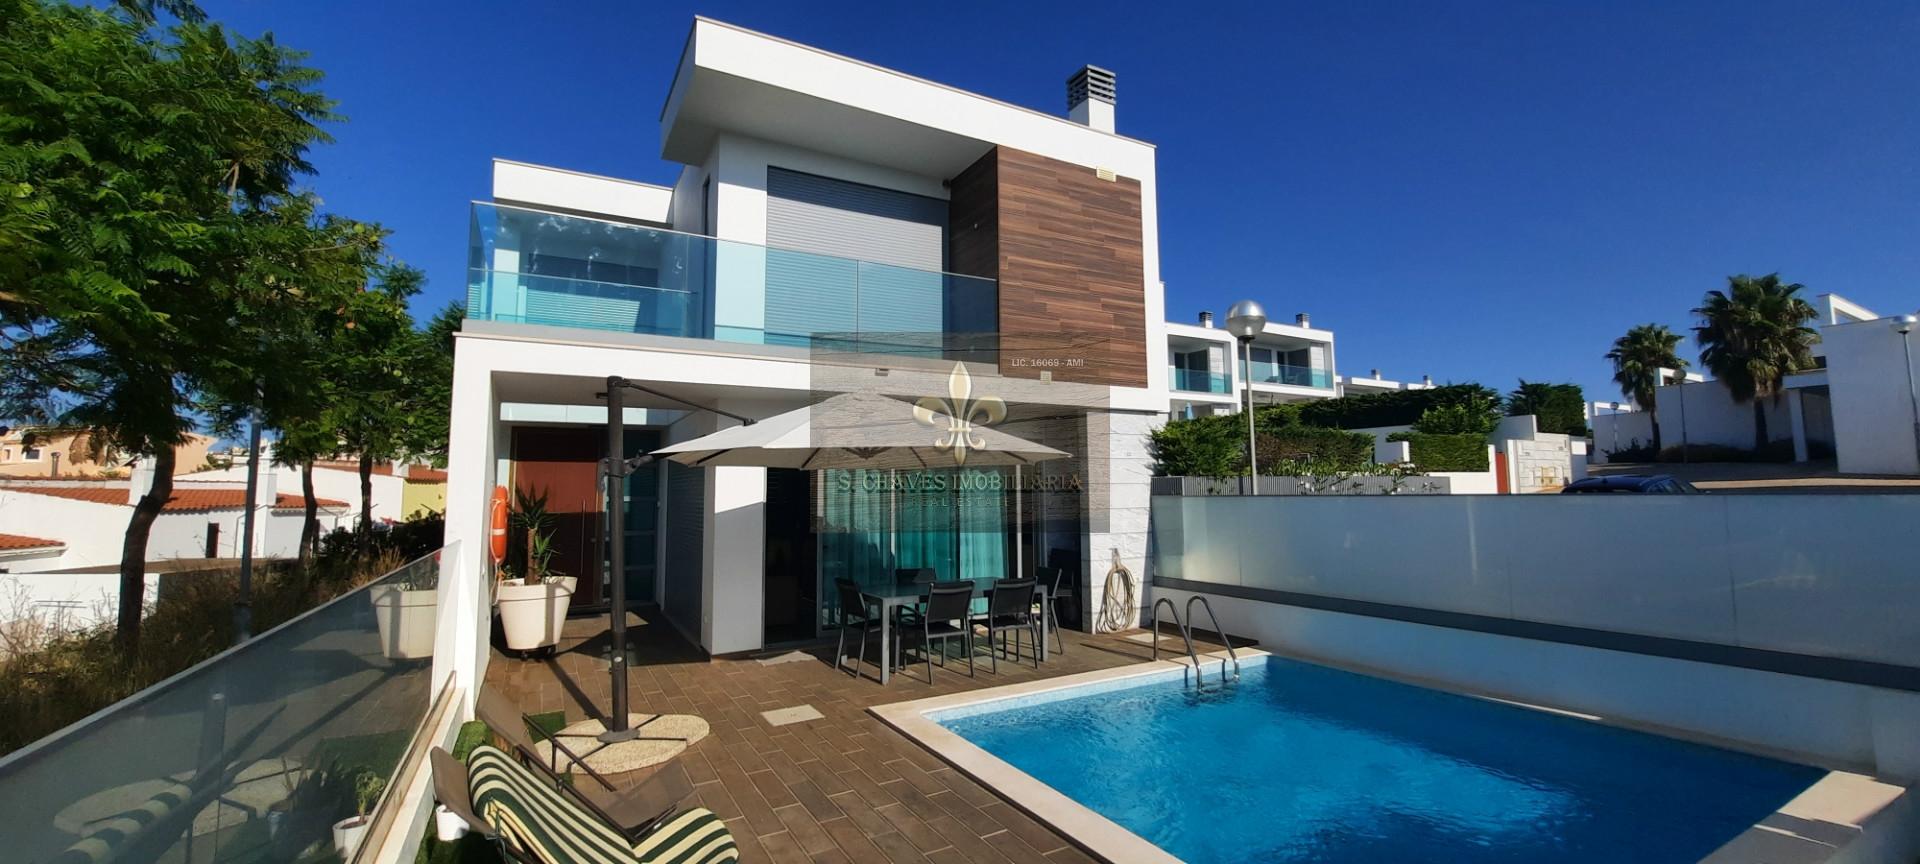 3-Schlafzimmer-Villa mit privatem Pool, Stadtzentrum, Albufeira